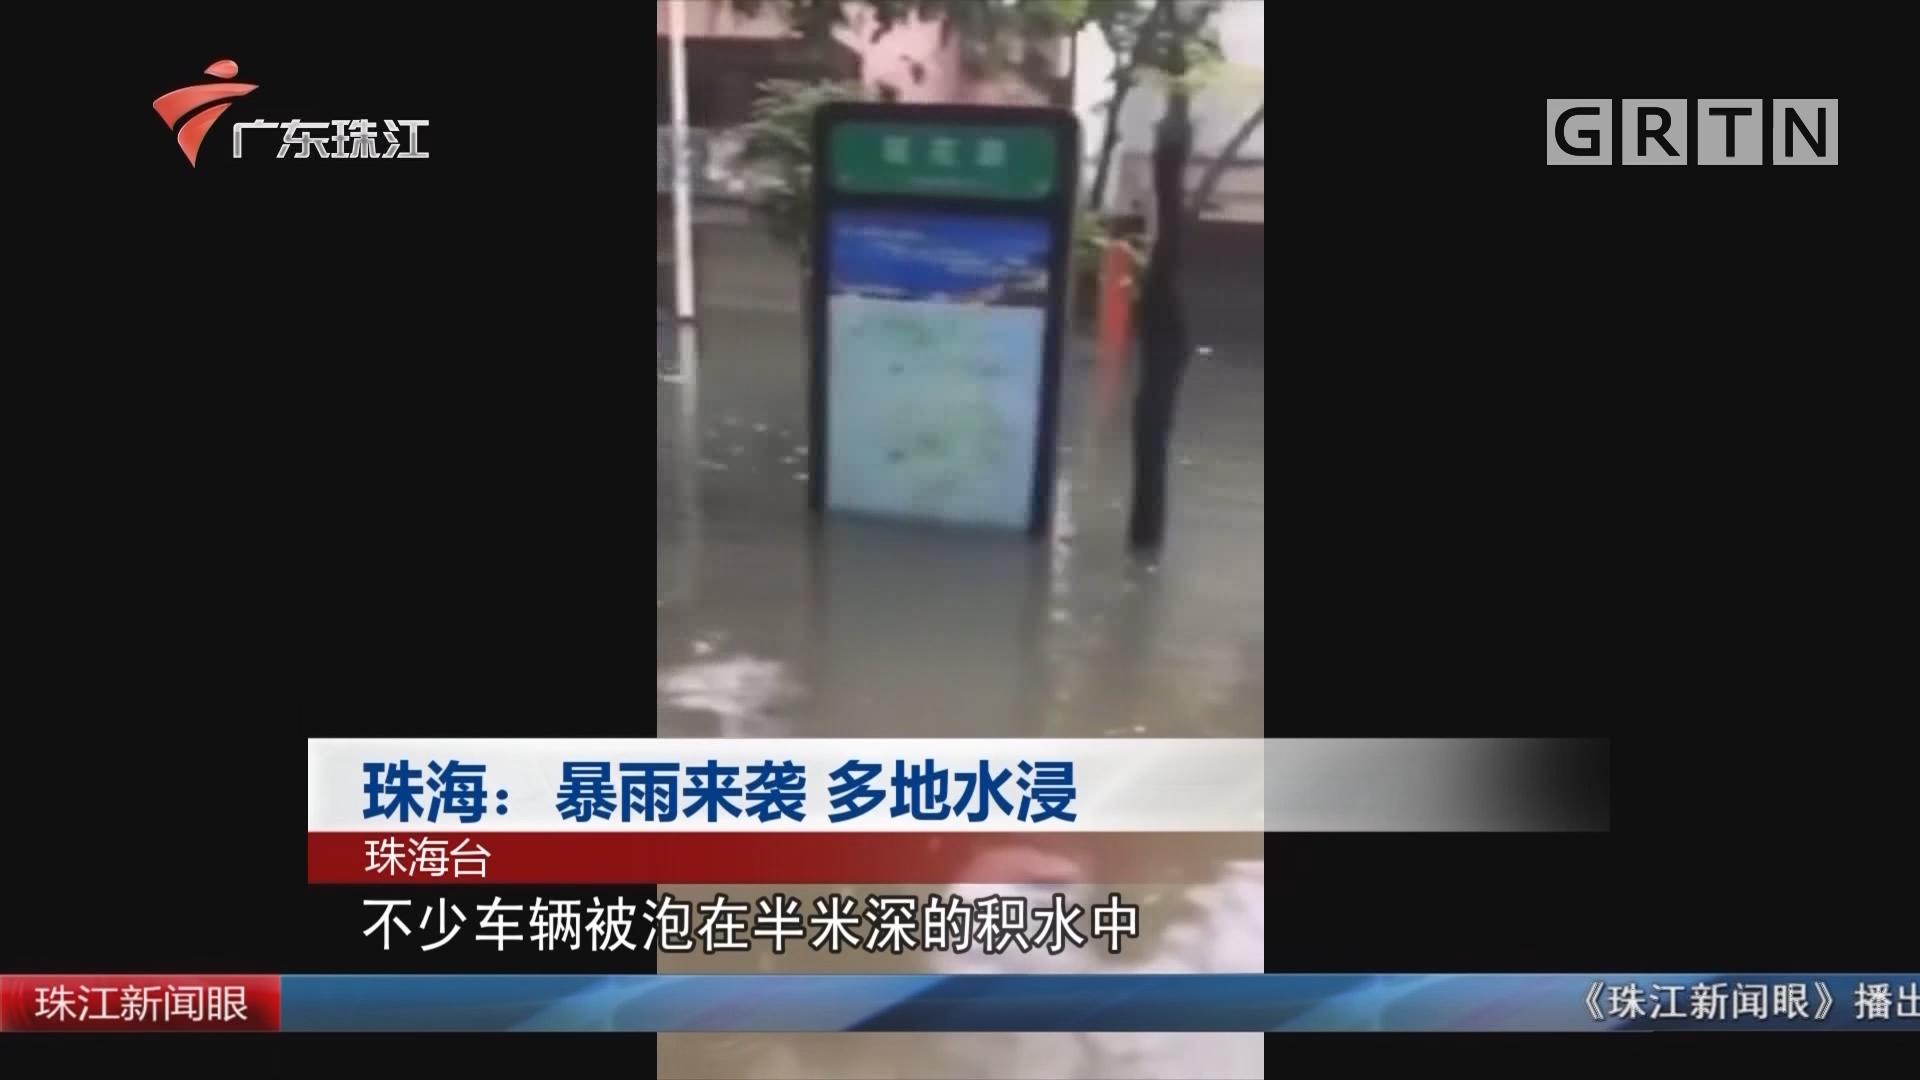 珠海:暴雨來襲 多地水浸